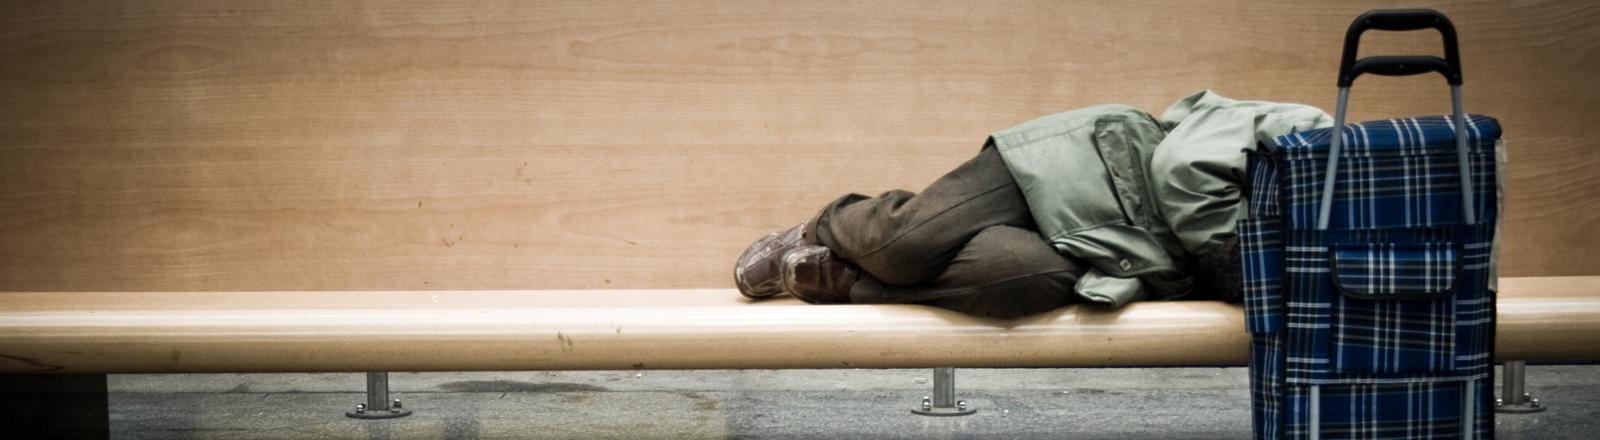 Ein Obdachloser schläft auf einer Parkbank.